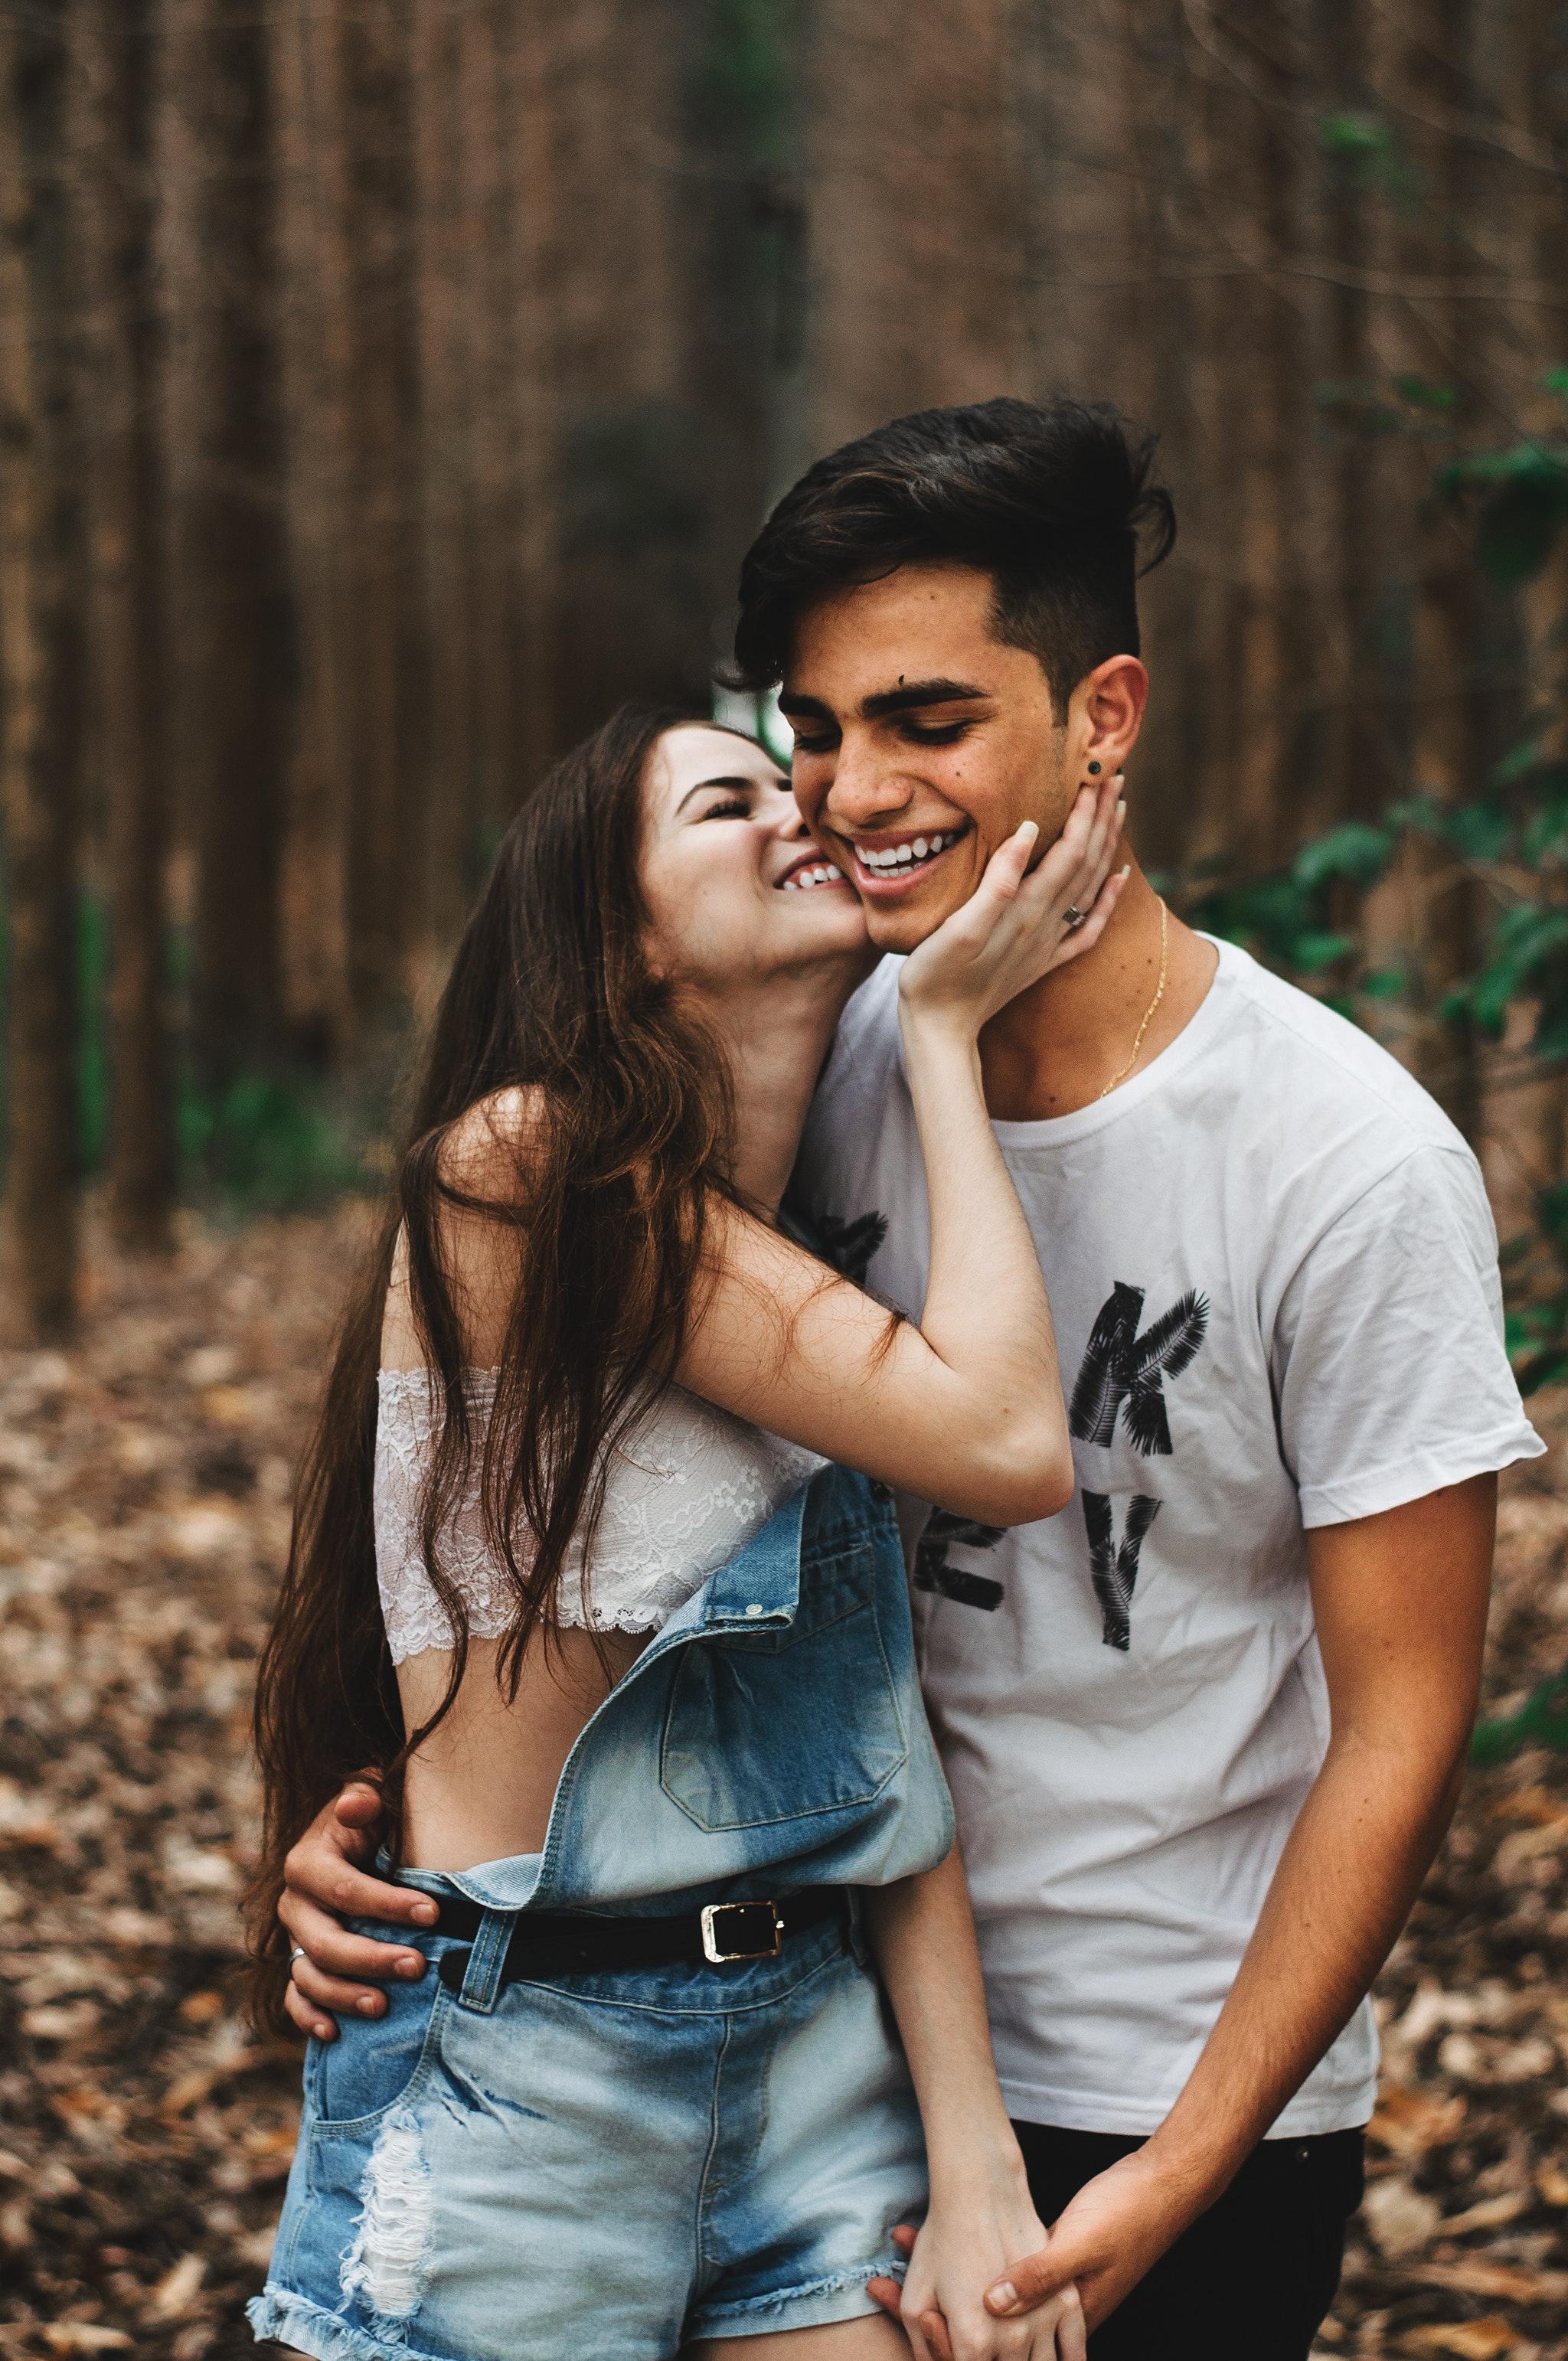 aké prináša so sebou riziká priskorý sex